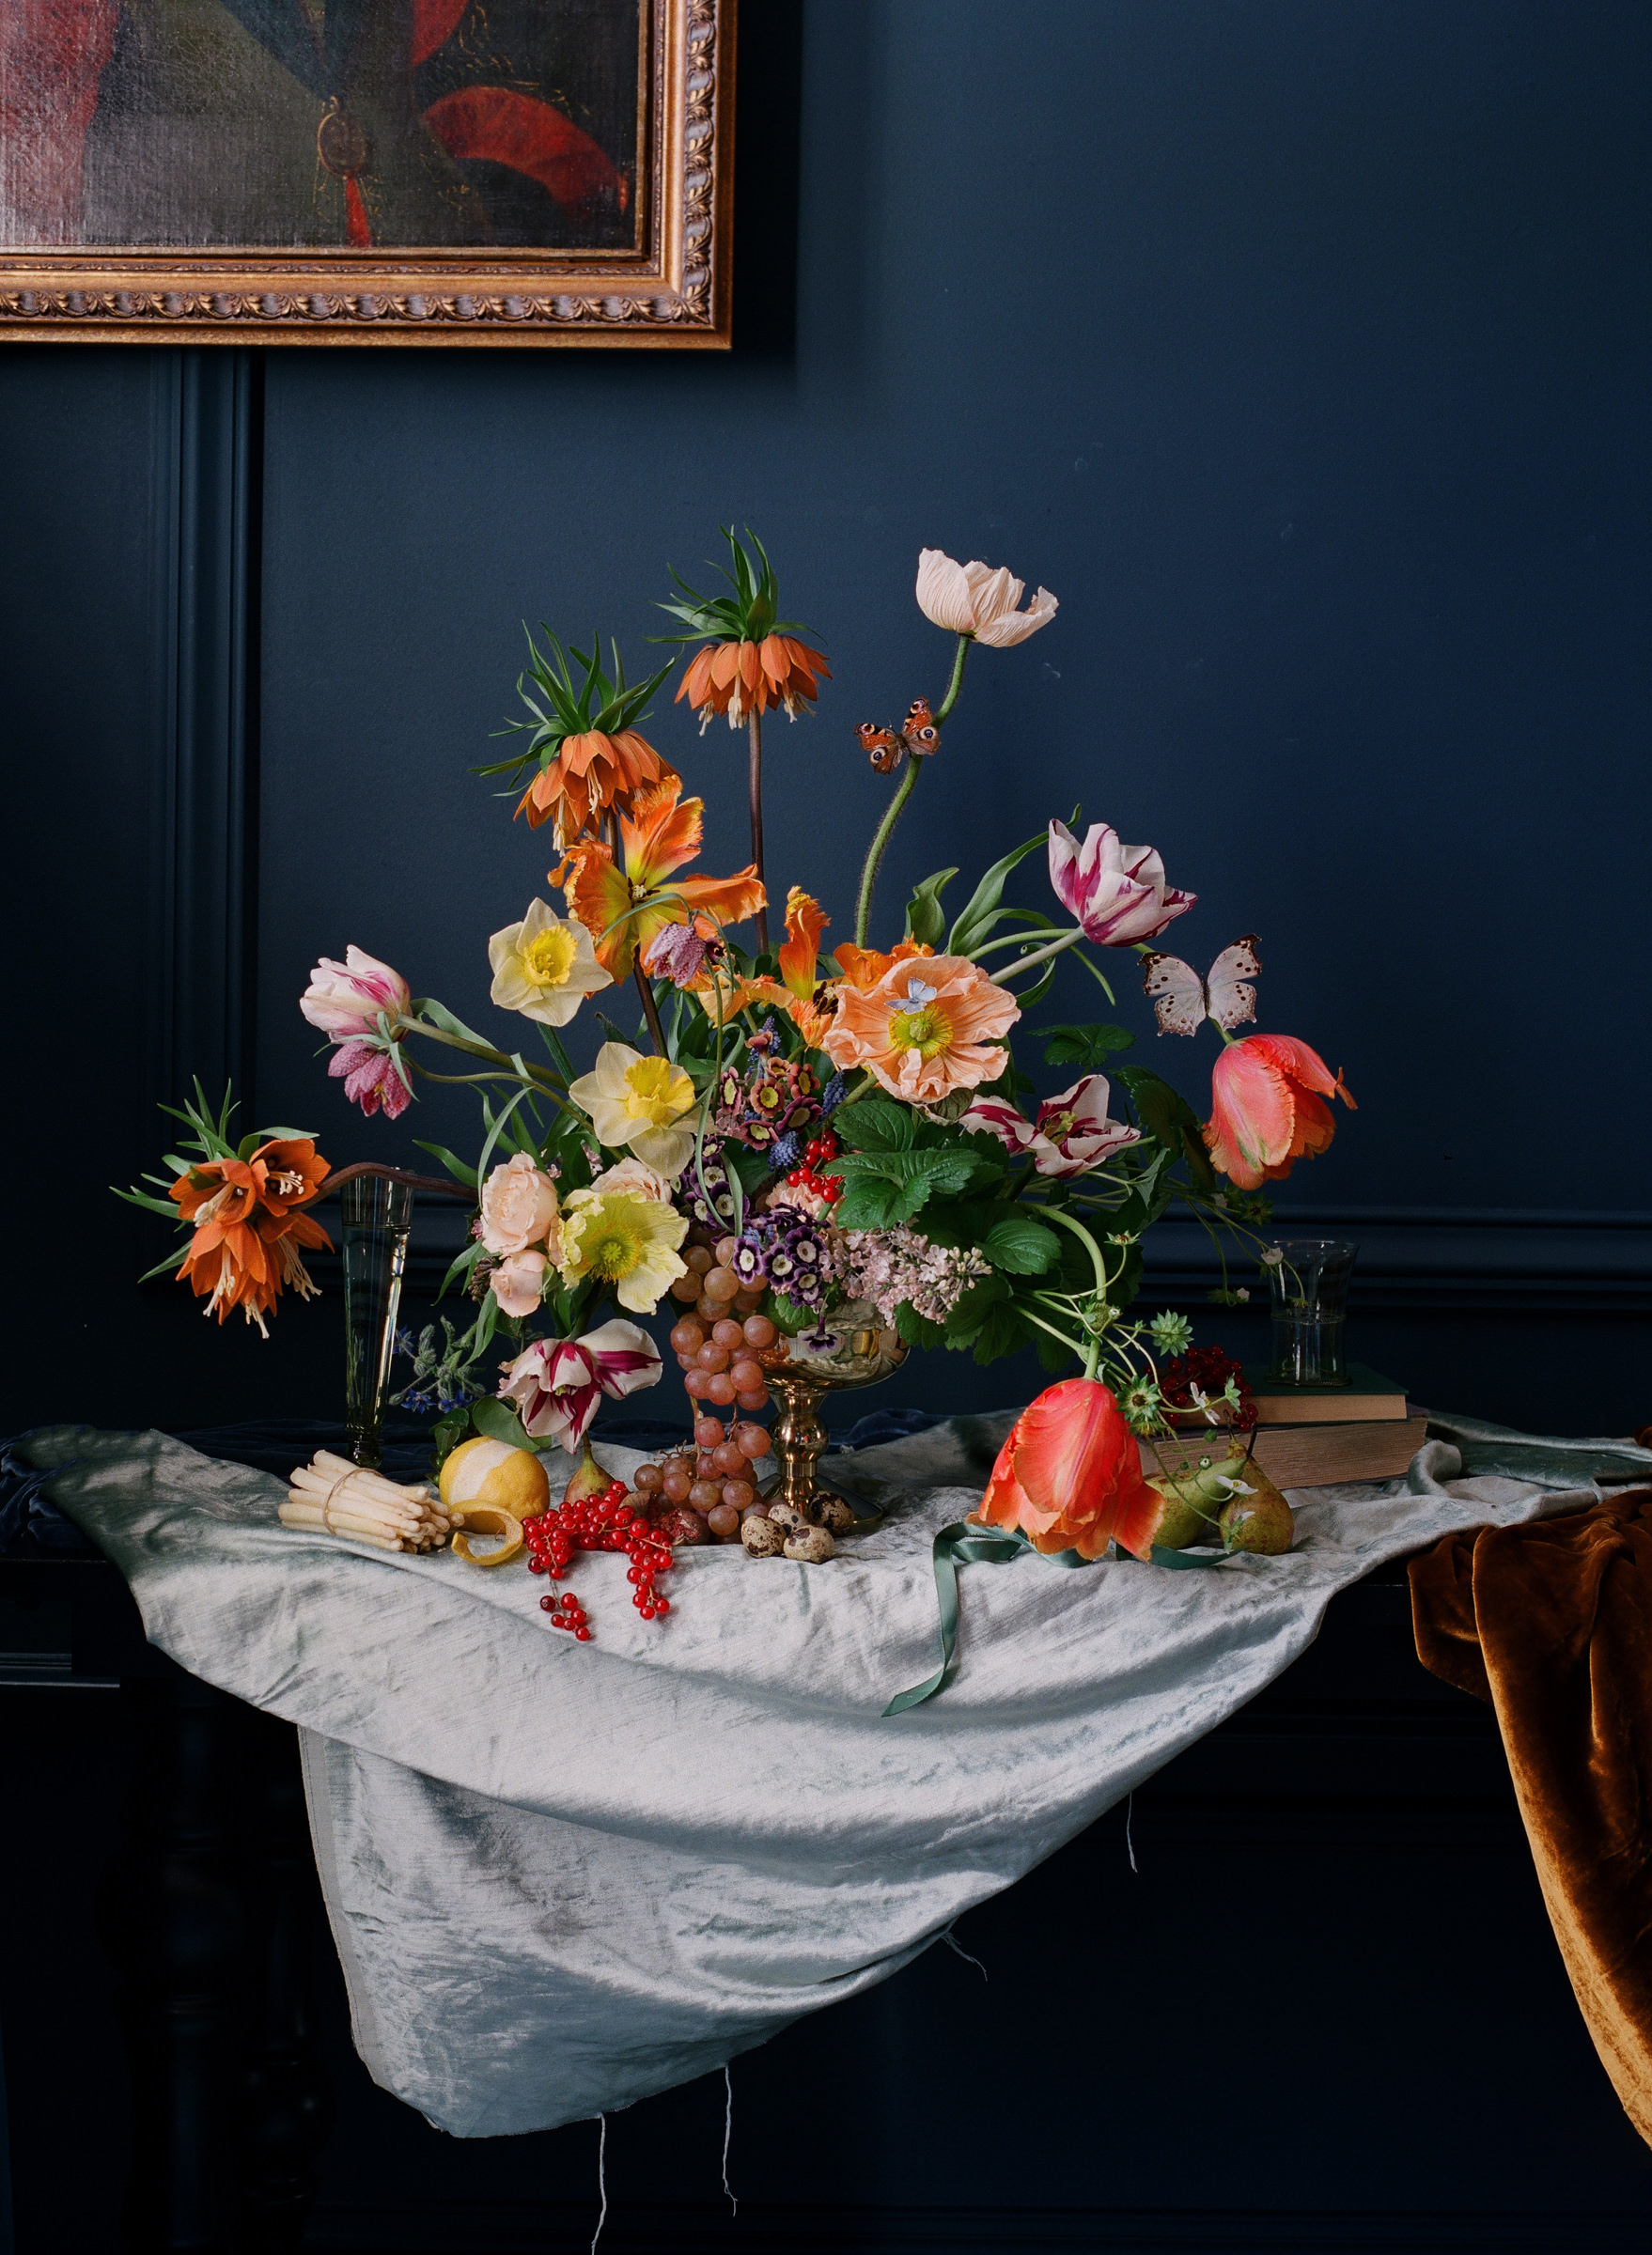 dutch-masters-inspired-floral-centerpiece-poppies-fritallari-tulips-corbin-gurkin-worlds-best-wedding-photos